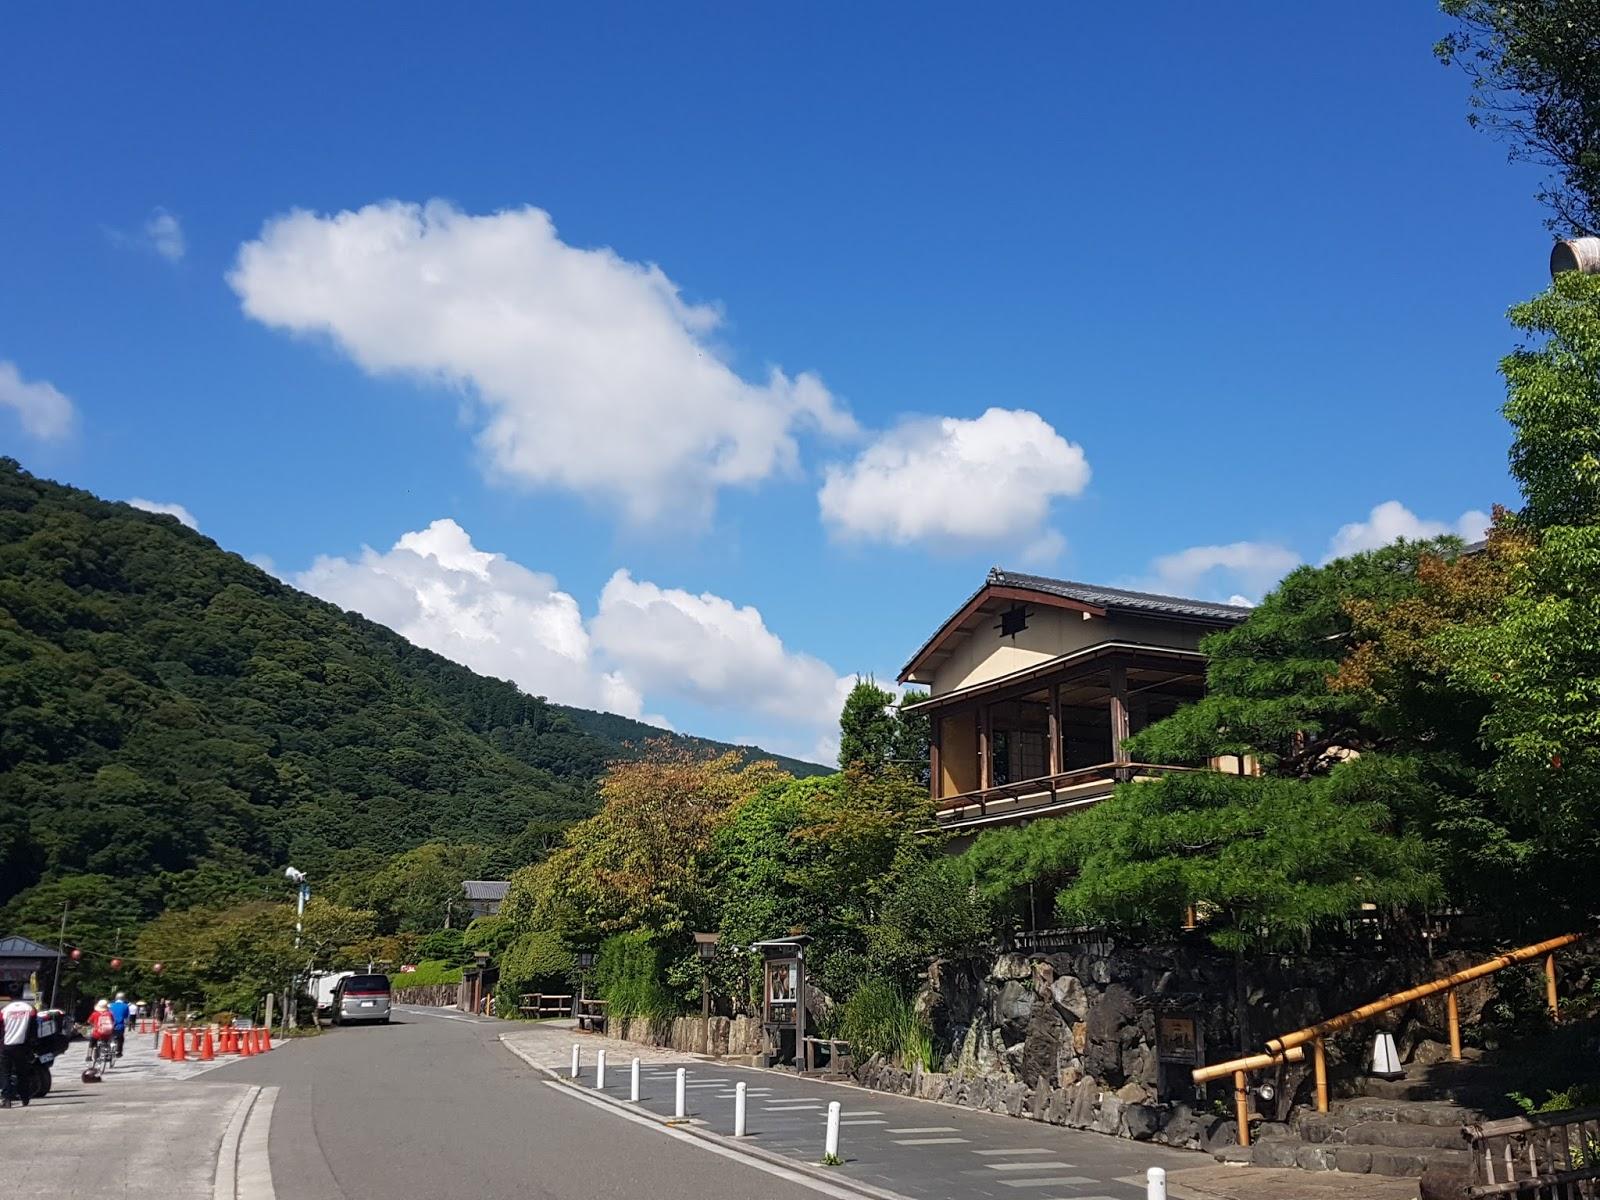 Rural Kyoto, Arashiyama